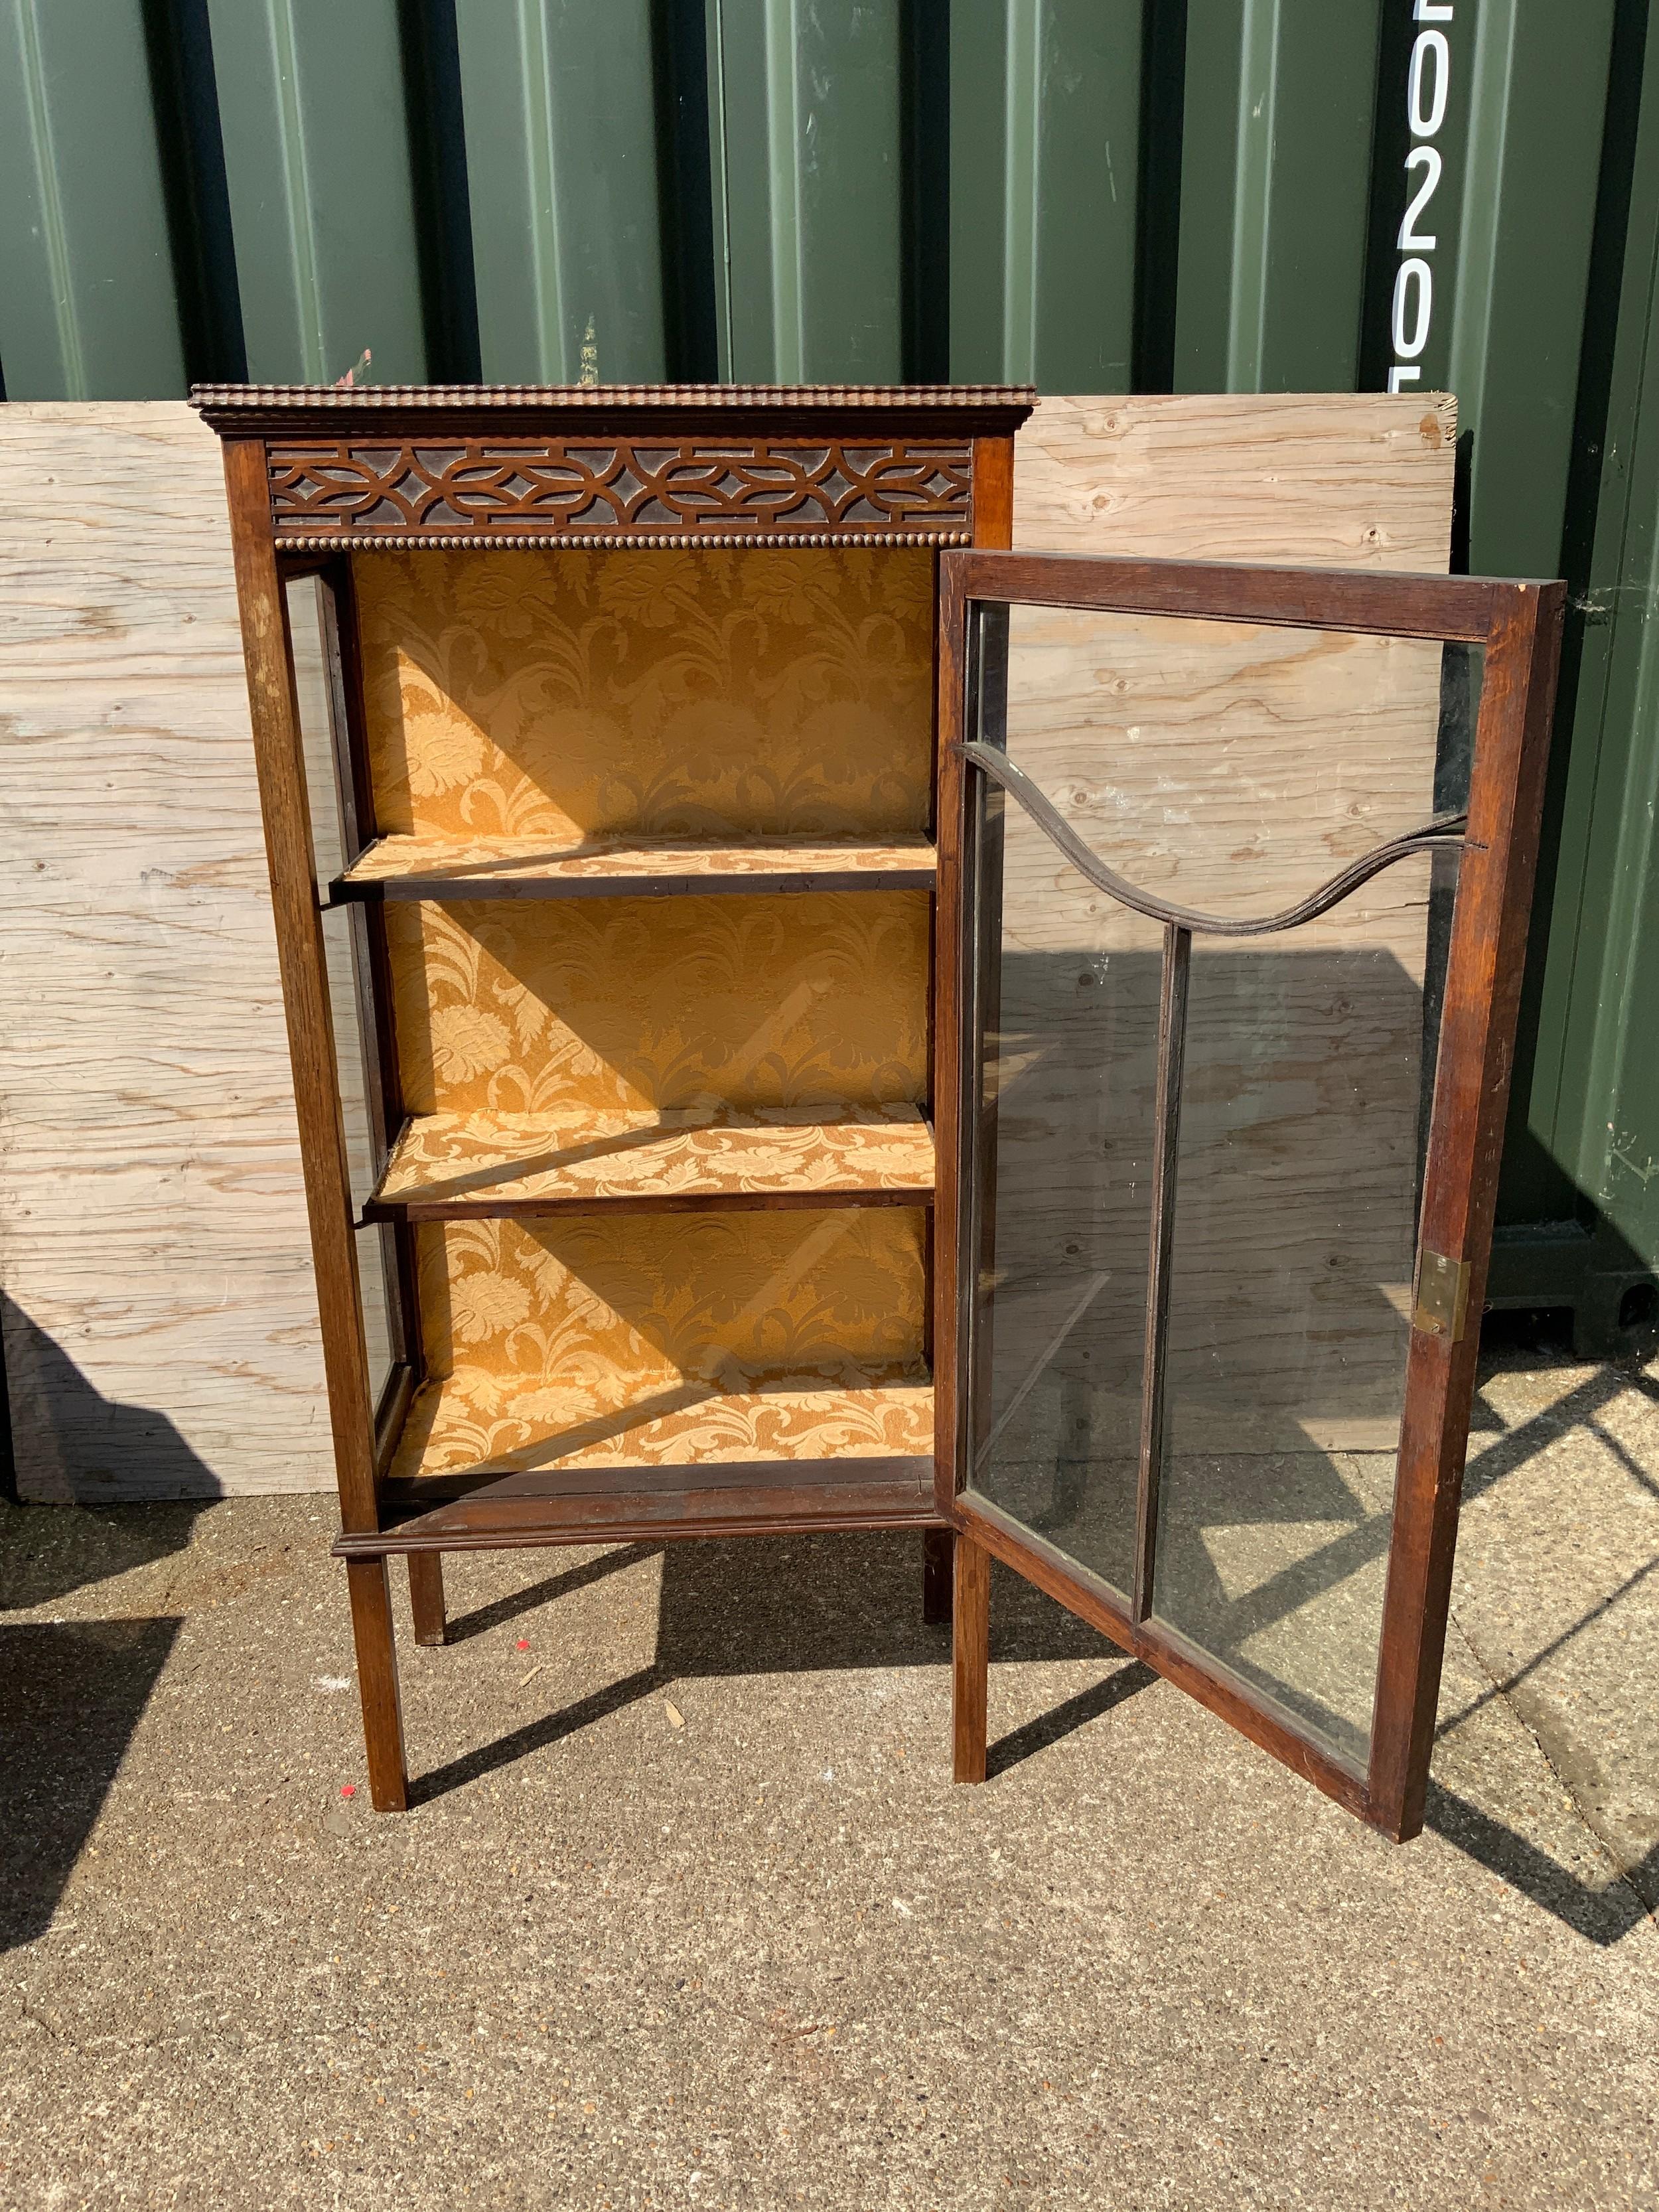 Oak Glazed Cabinet with Key - Image 2 of 2